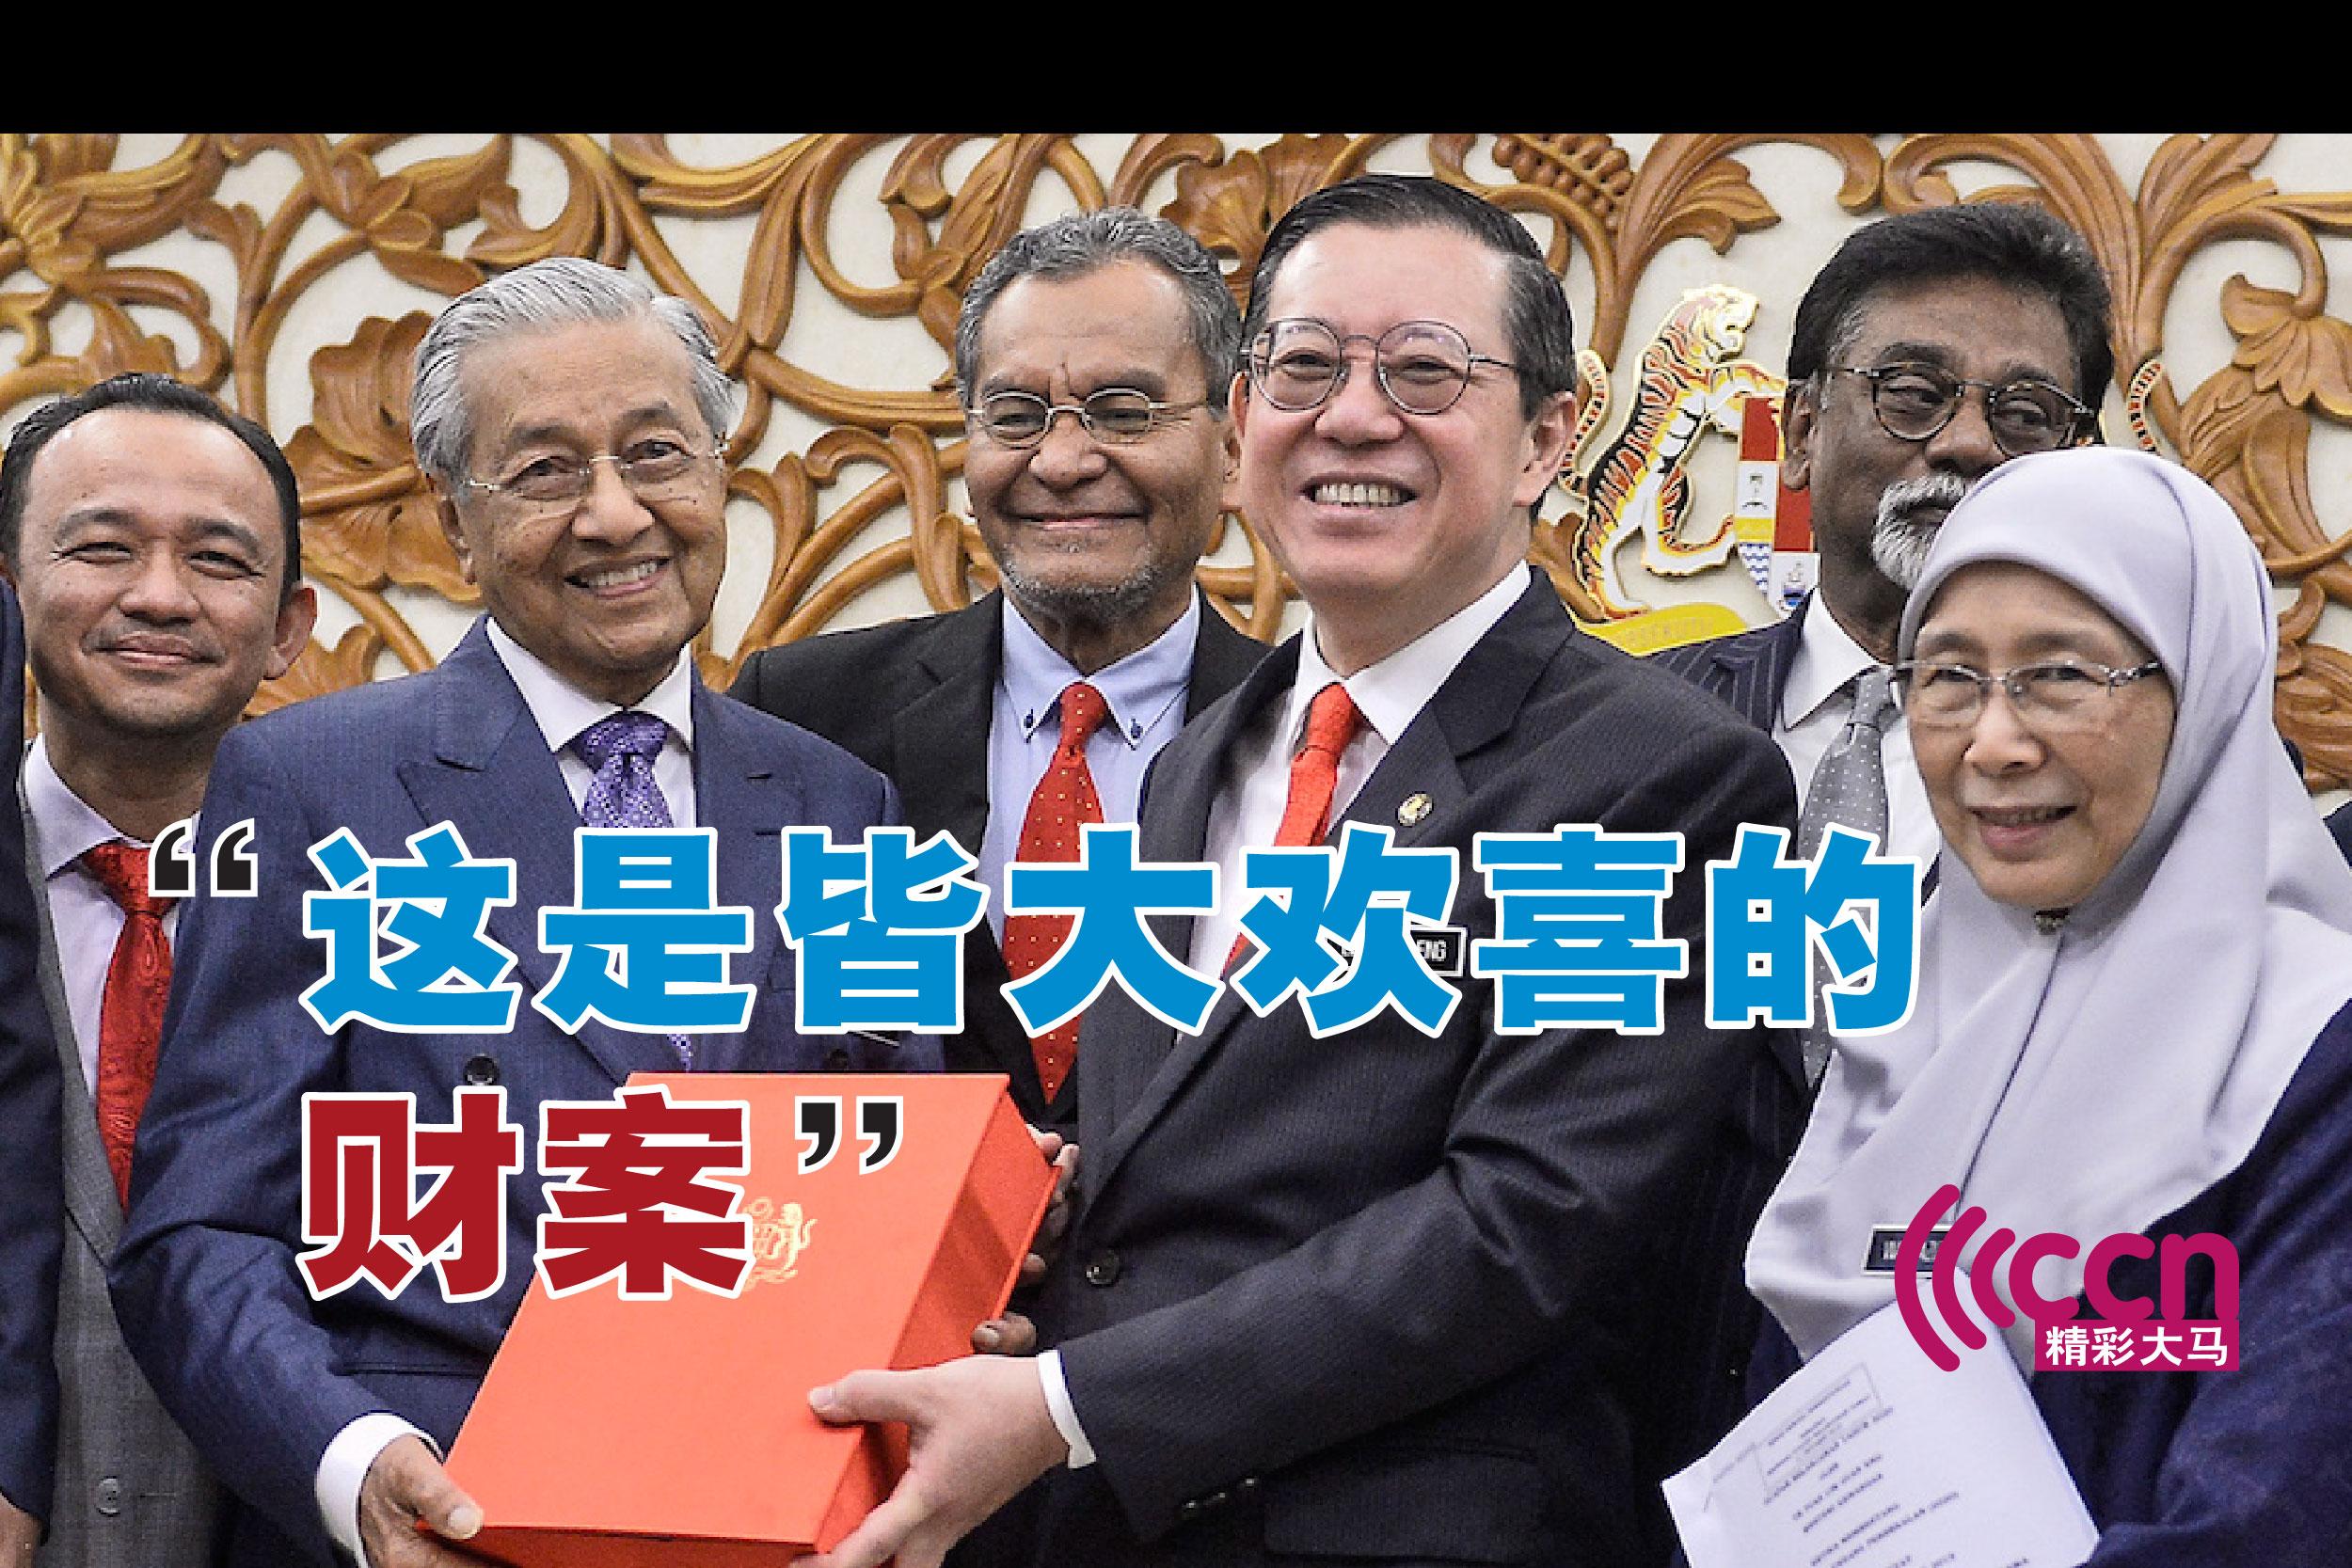 马哈迪说,2020财案能让大众皆大欢喜。 -精彩大马制图-